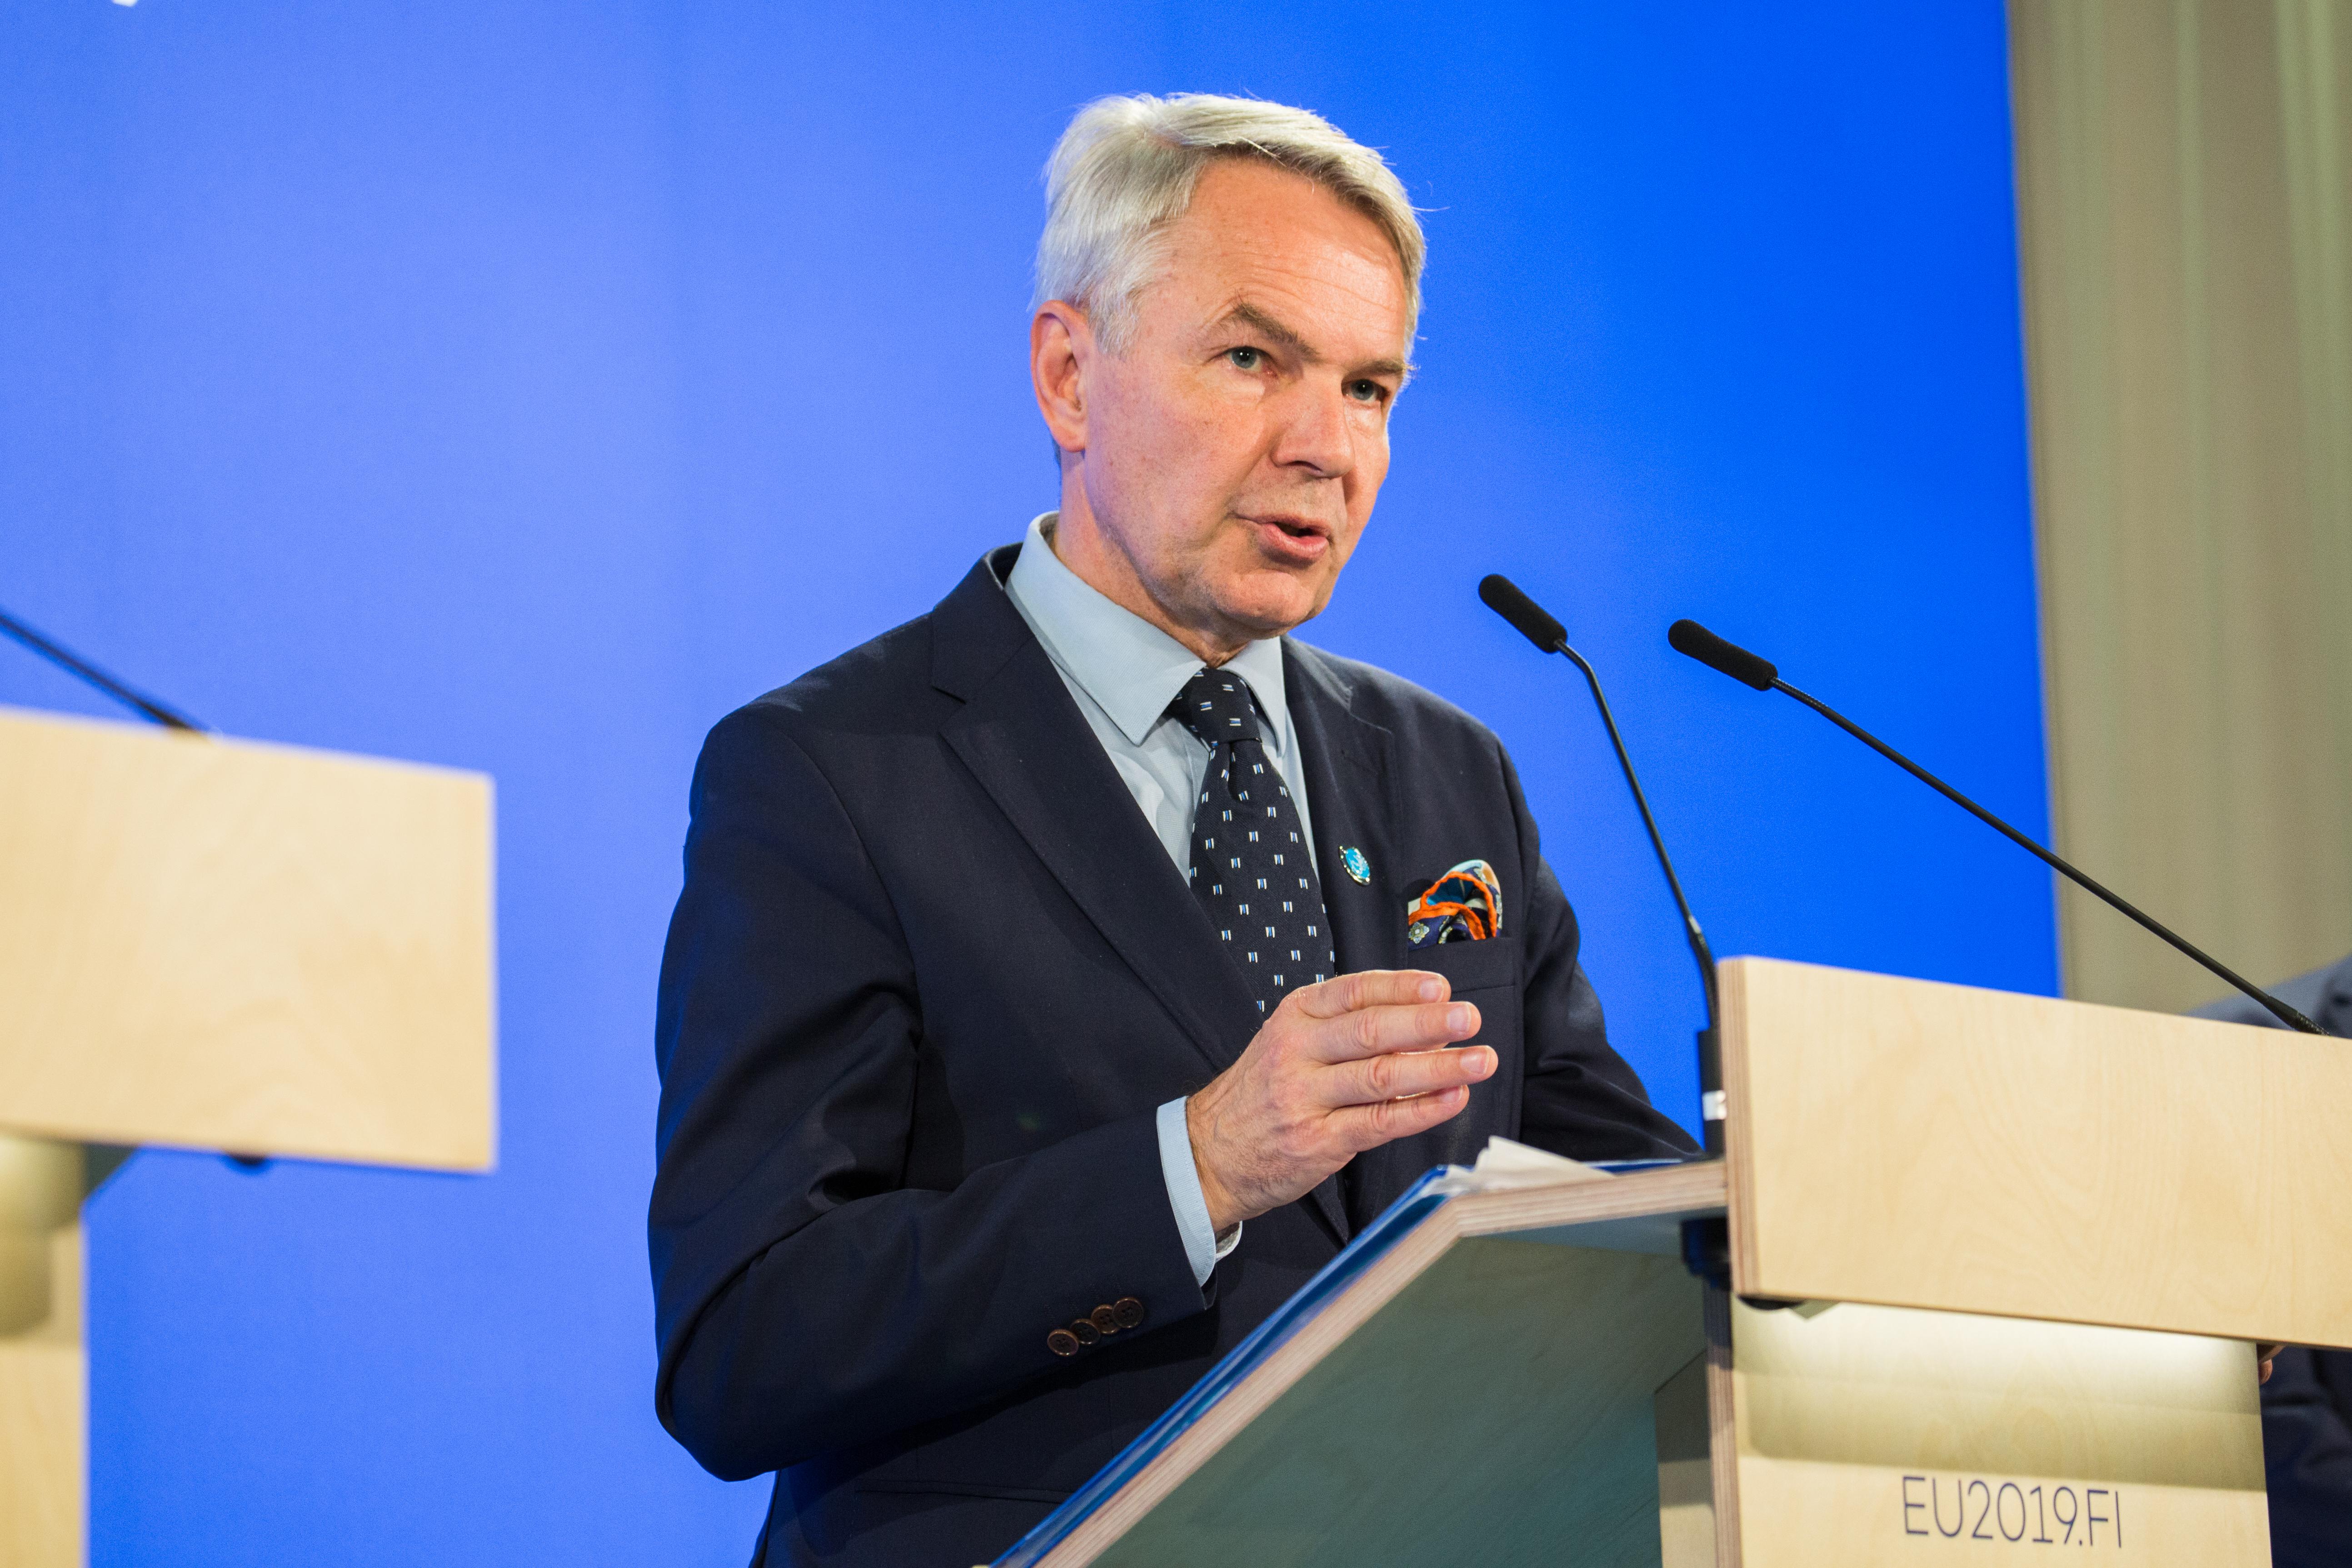 © Viivi Myllylä/Prime Minister's Office, Finland